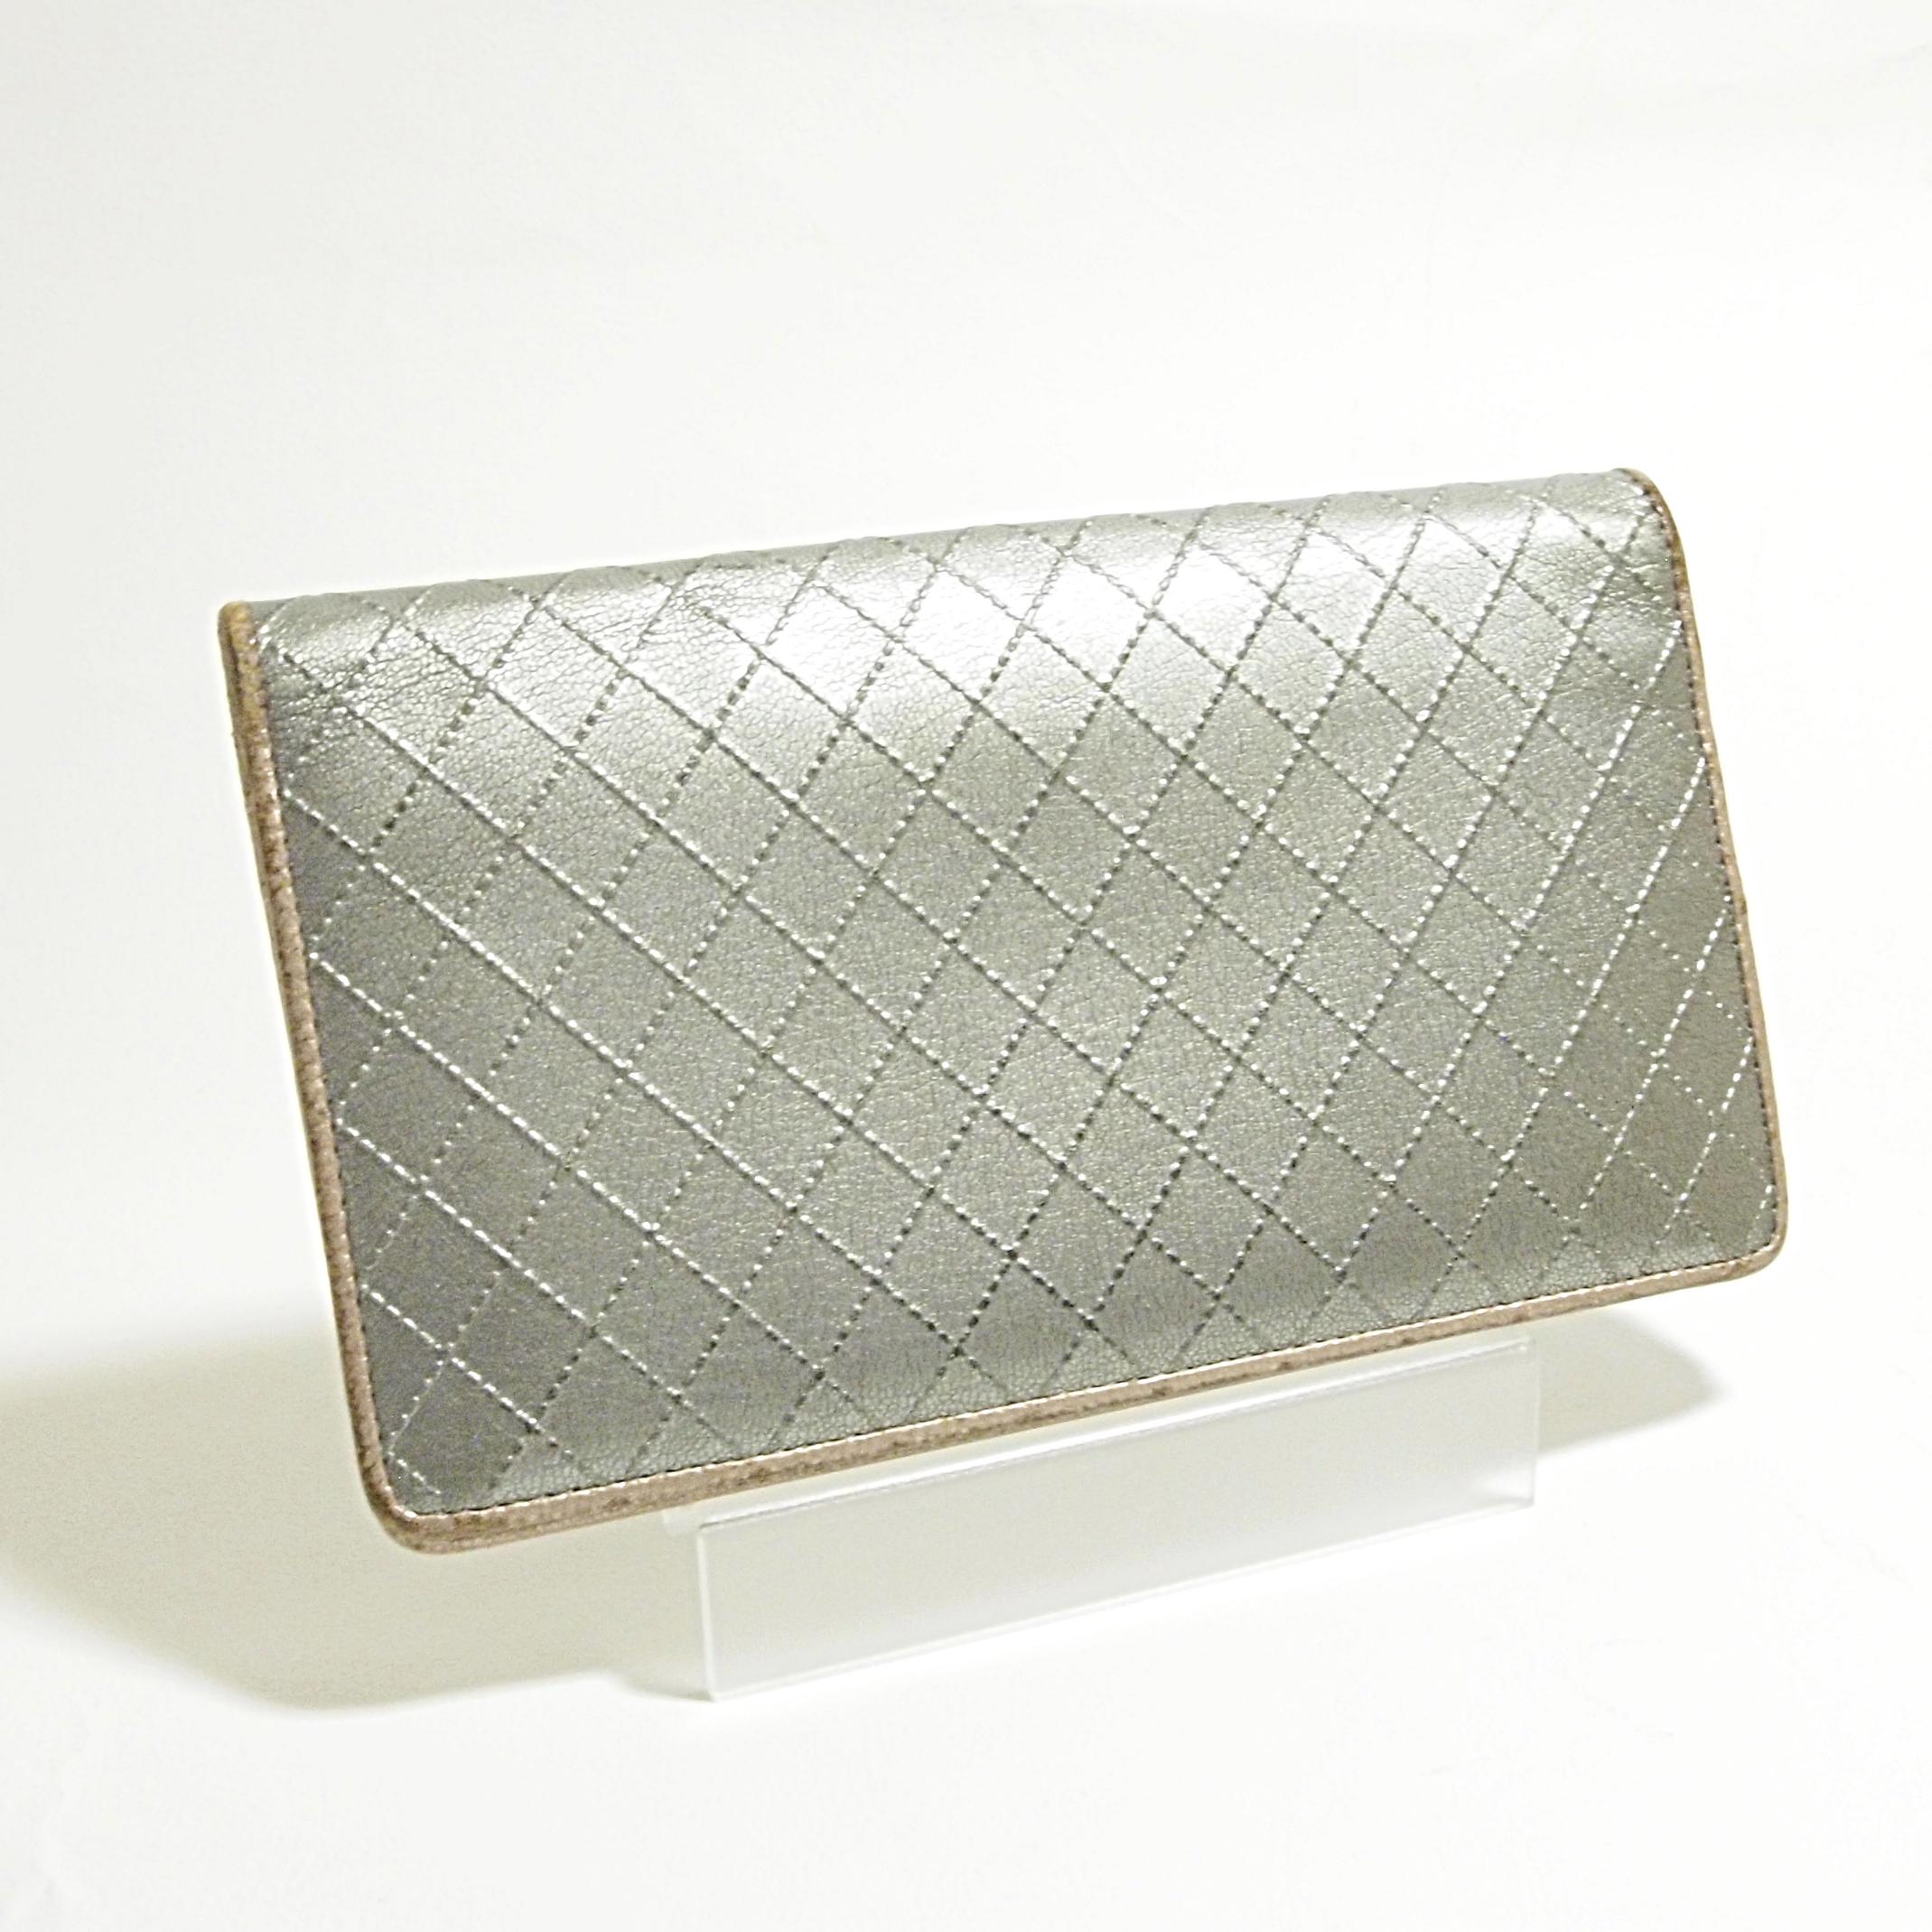 シャネル CHANEL 長財布 ワイルドステッチ カーフ シルバー色/ゴールド色 中古